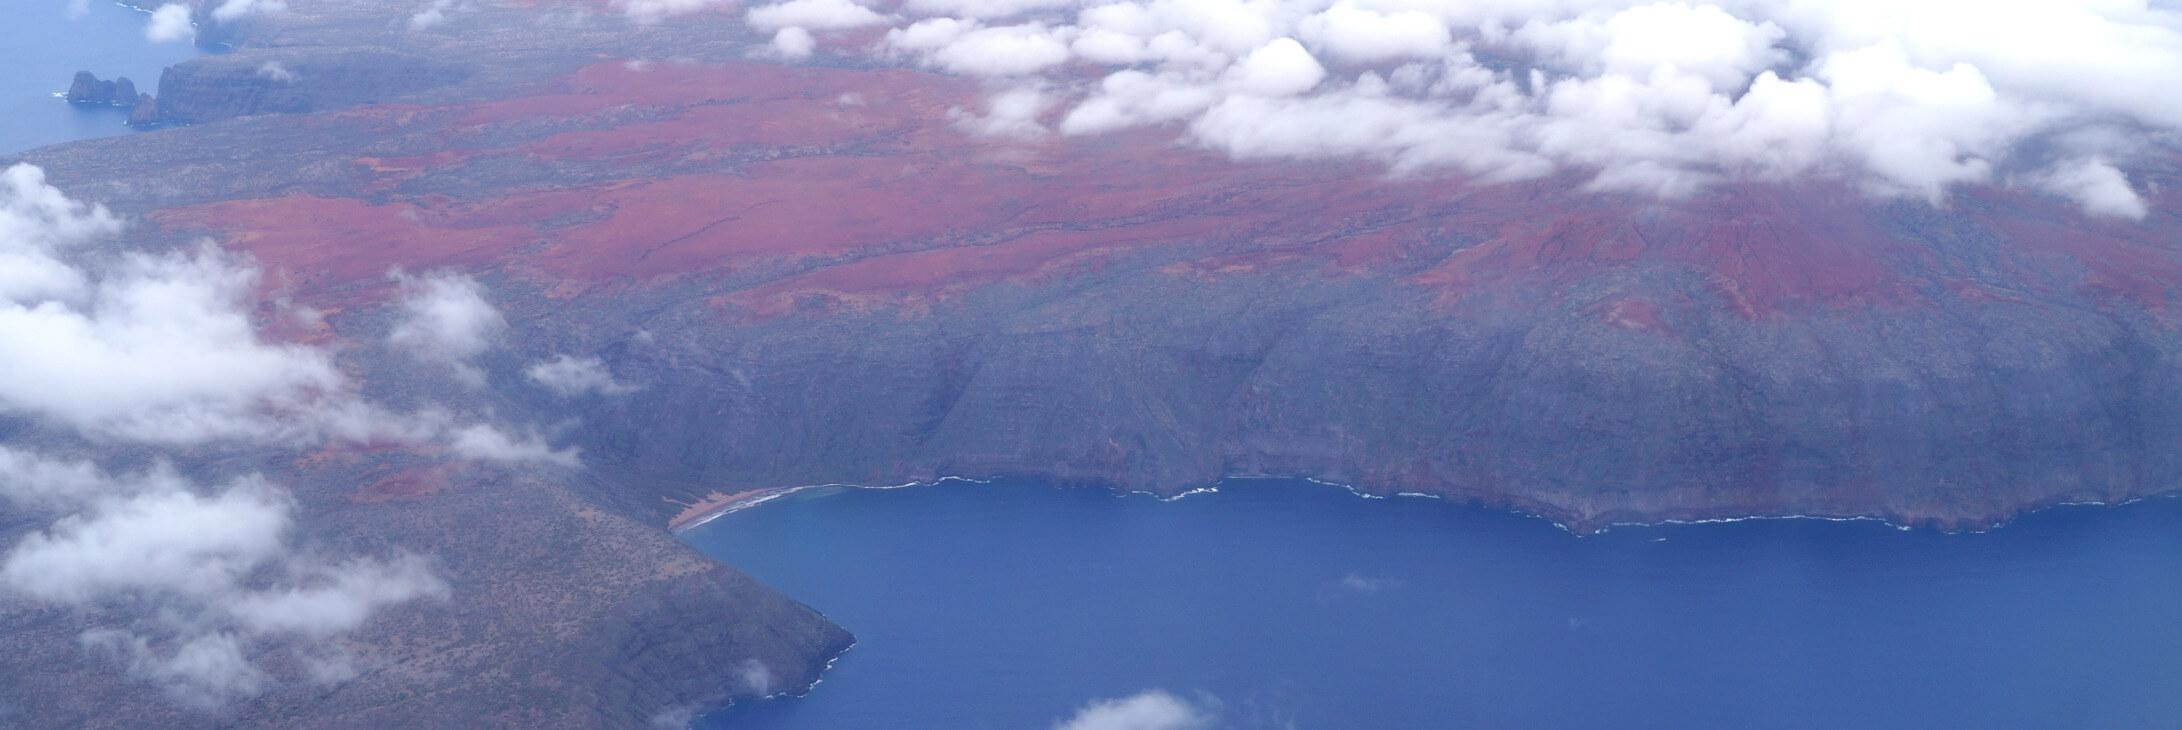 Welche Inseln für eine Hawaii-Rundreise?